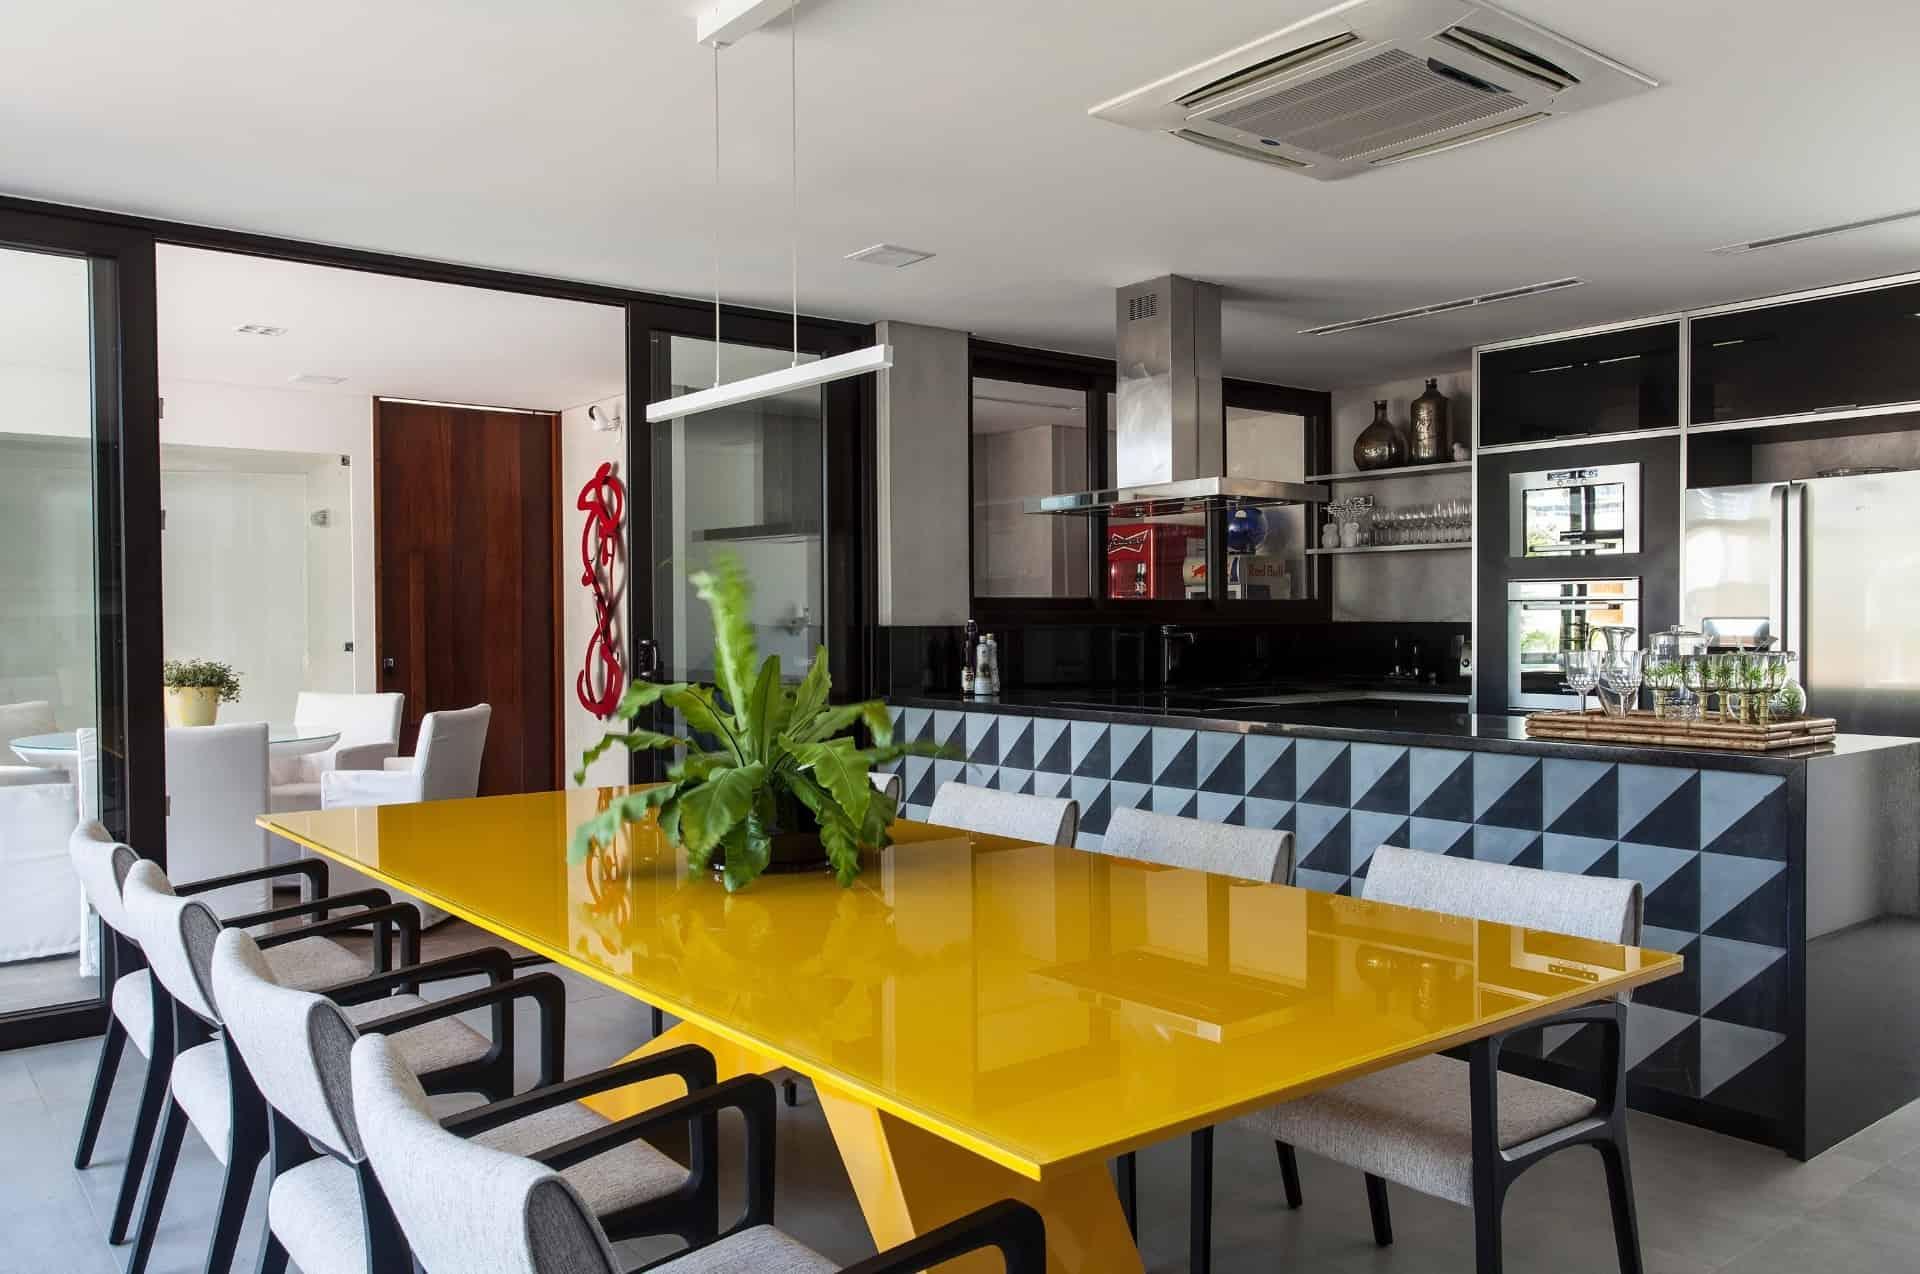 Salas de jantar decoradas 25 modelos ideias e fotos - Mesas de sala modernas ...